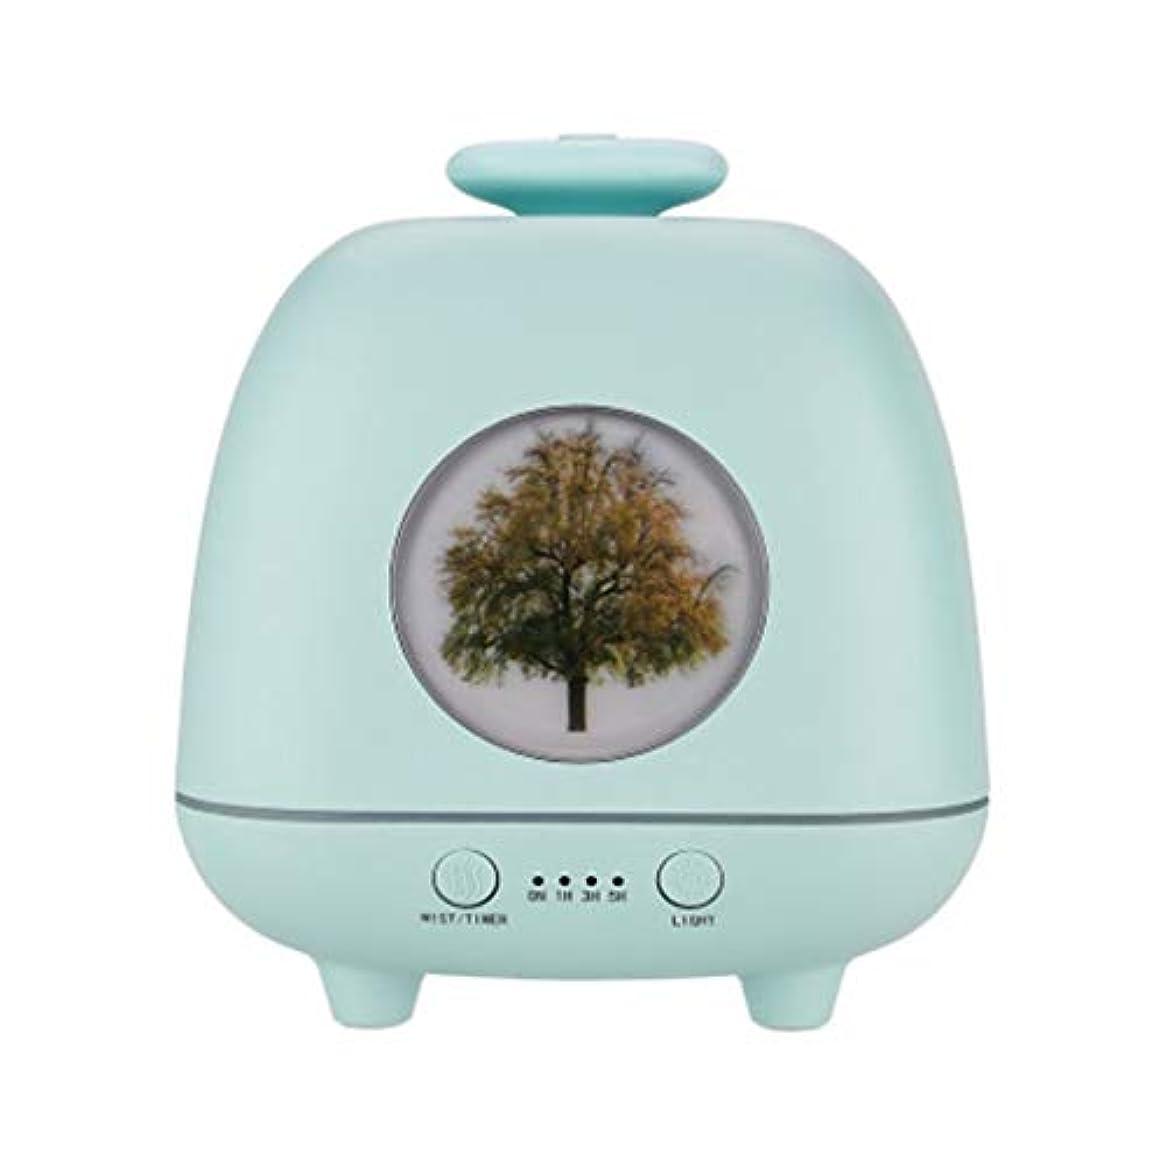 安心砲兵賞賛する超音波ホームデスクトップクリエイティブ雰囲気ナイトライト加湿器寝室の赤ちゃん女性の家の装飾 (Color : Green)